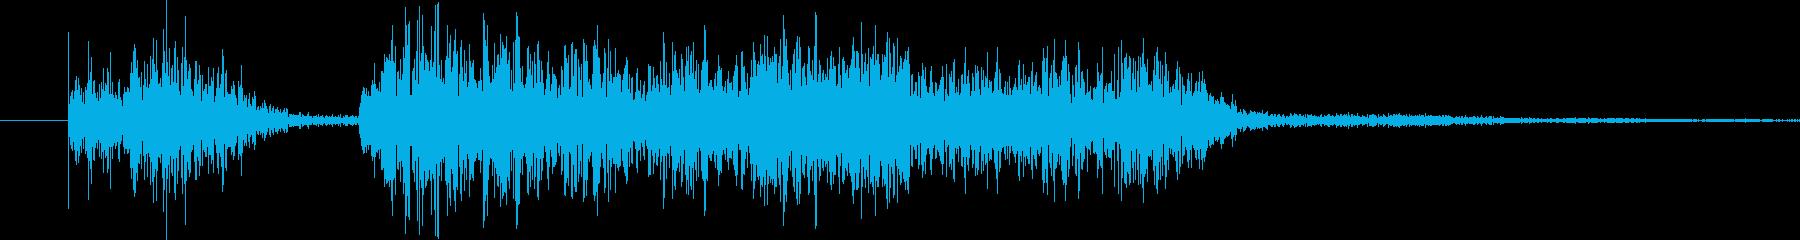 スロットなどのゲームにありそうな効果音の再生済みの波形